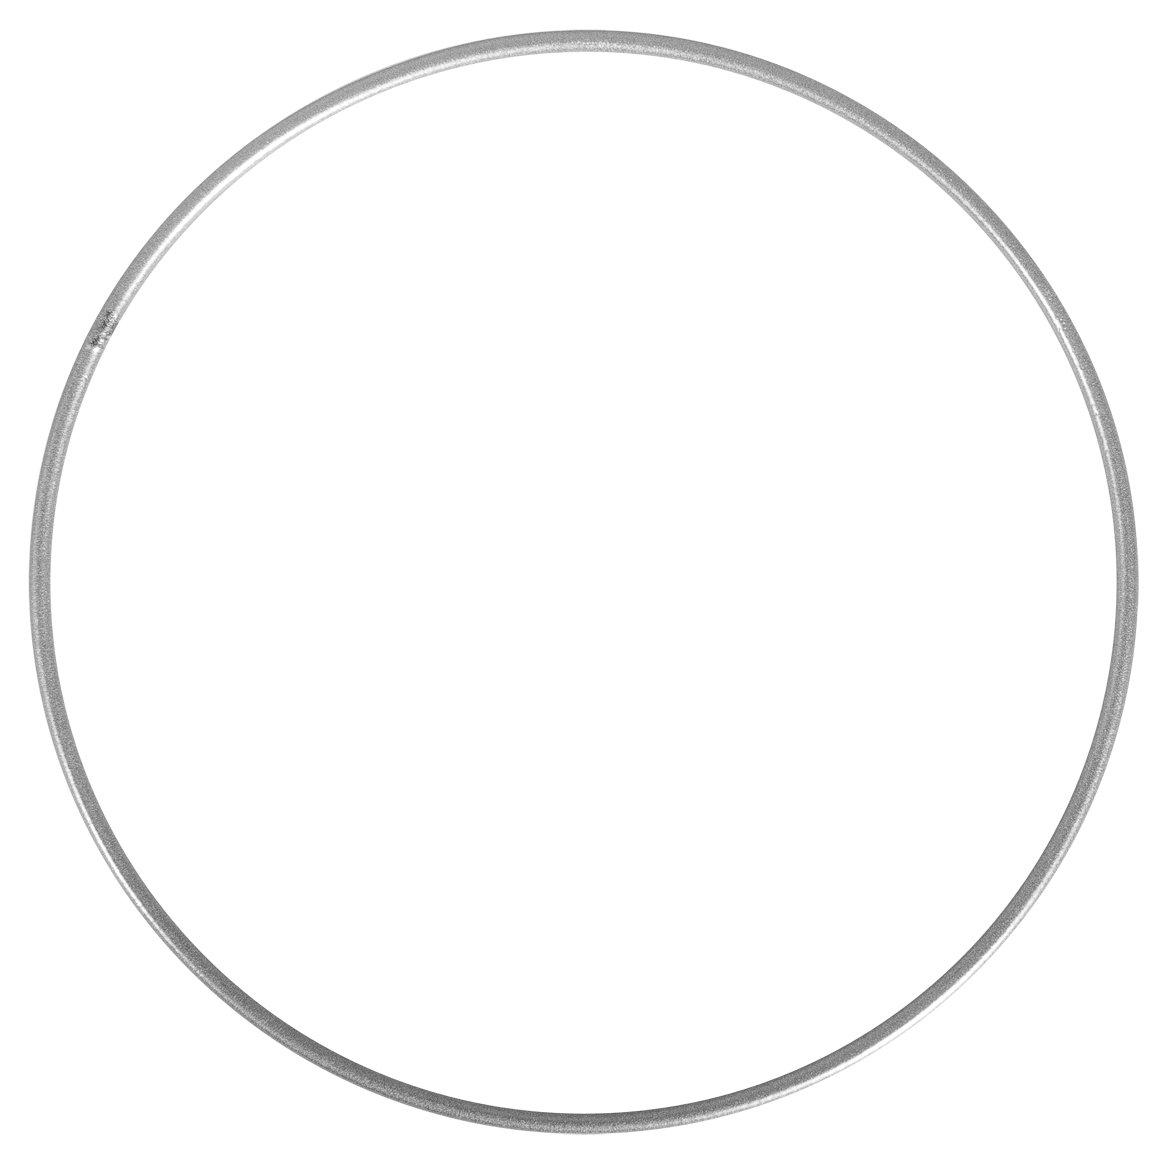 plata 15 cm /ø Anillo de metal para manualidades Rayher revestido